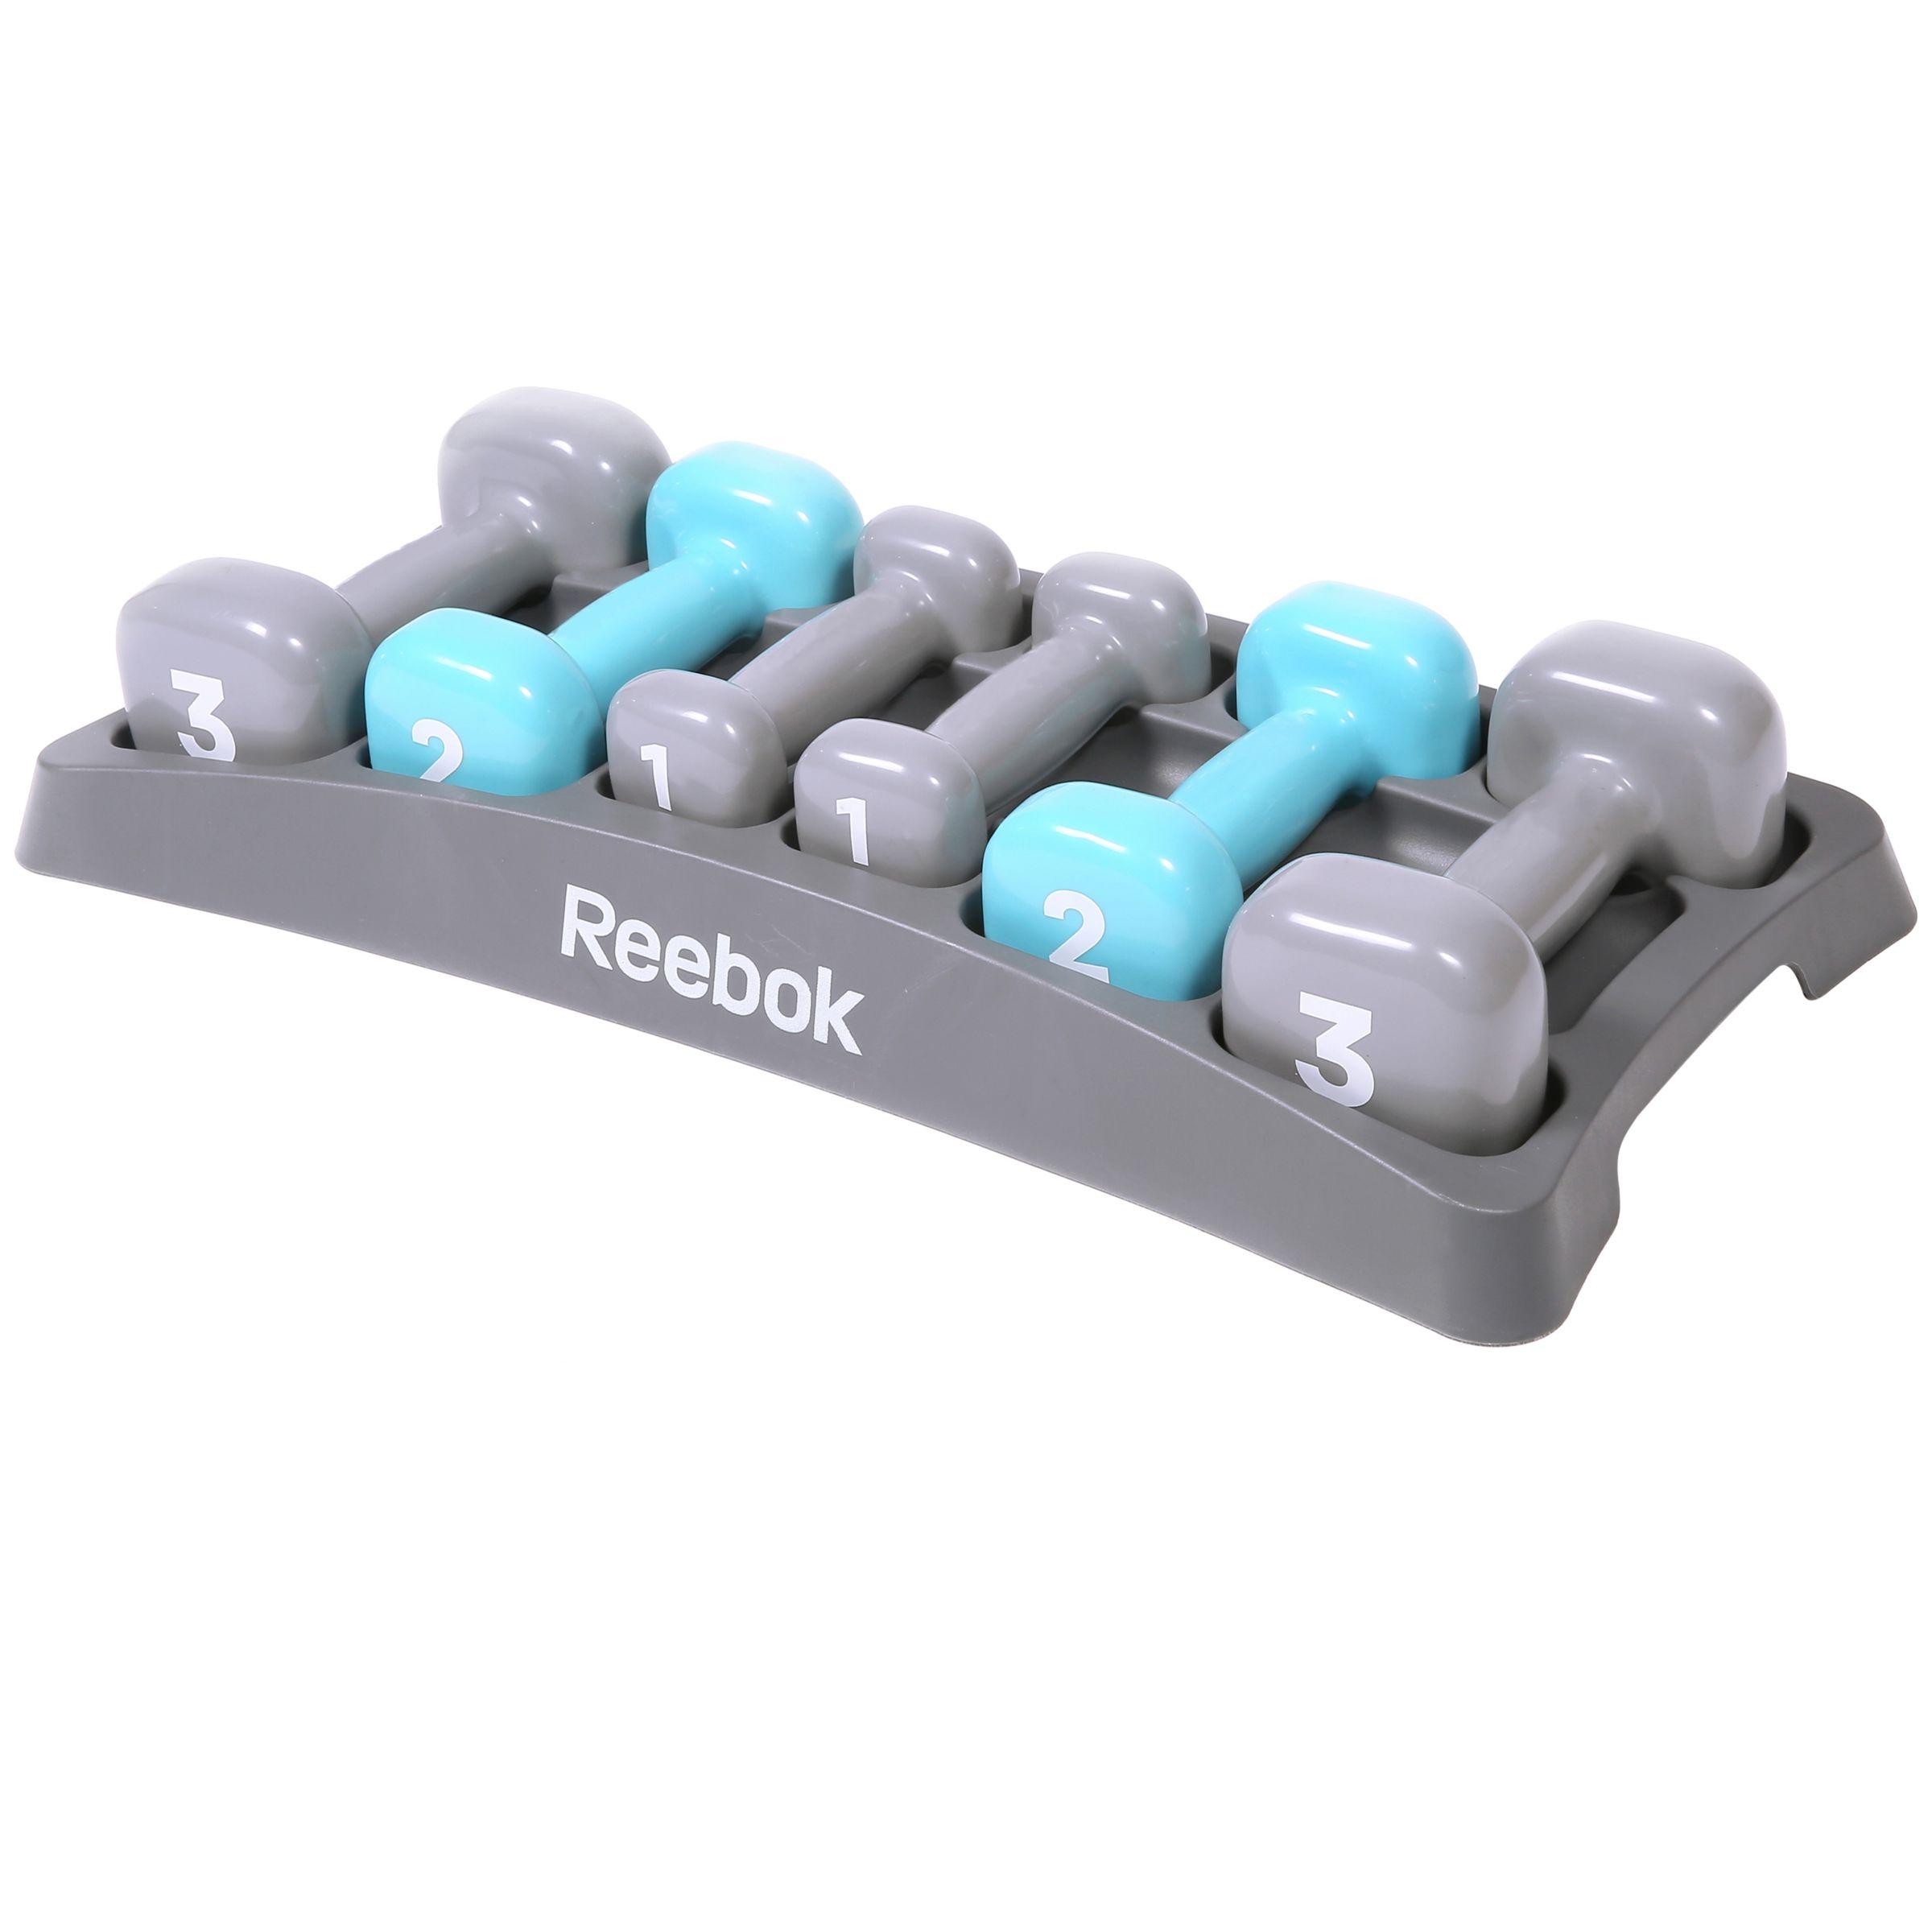 Reebok Reebok Dumbbell Set, Grey/Light Blue